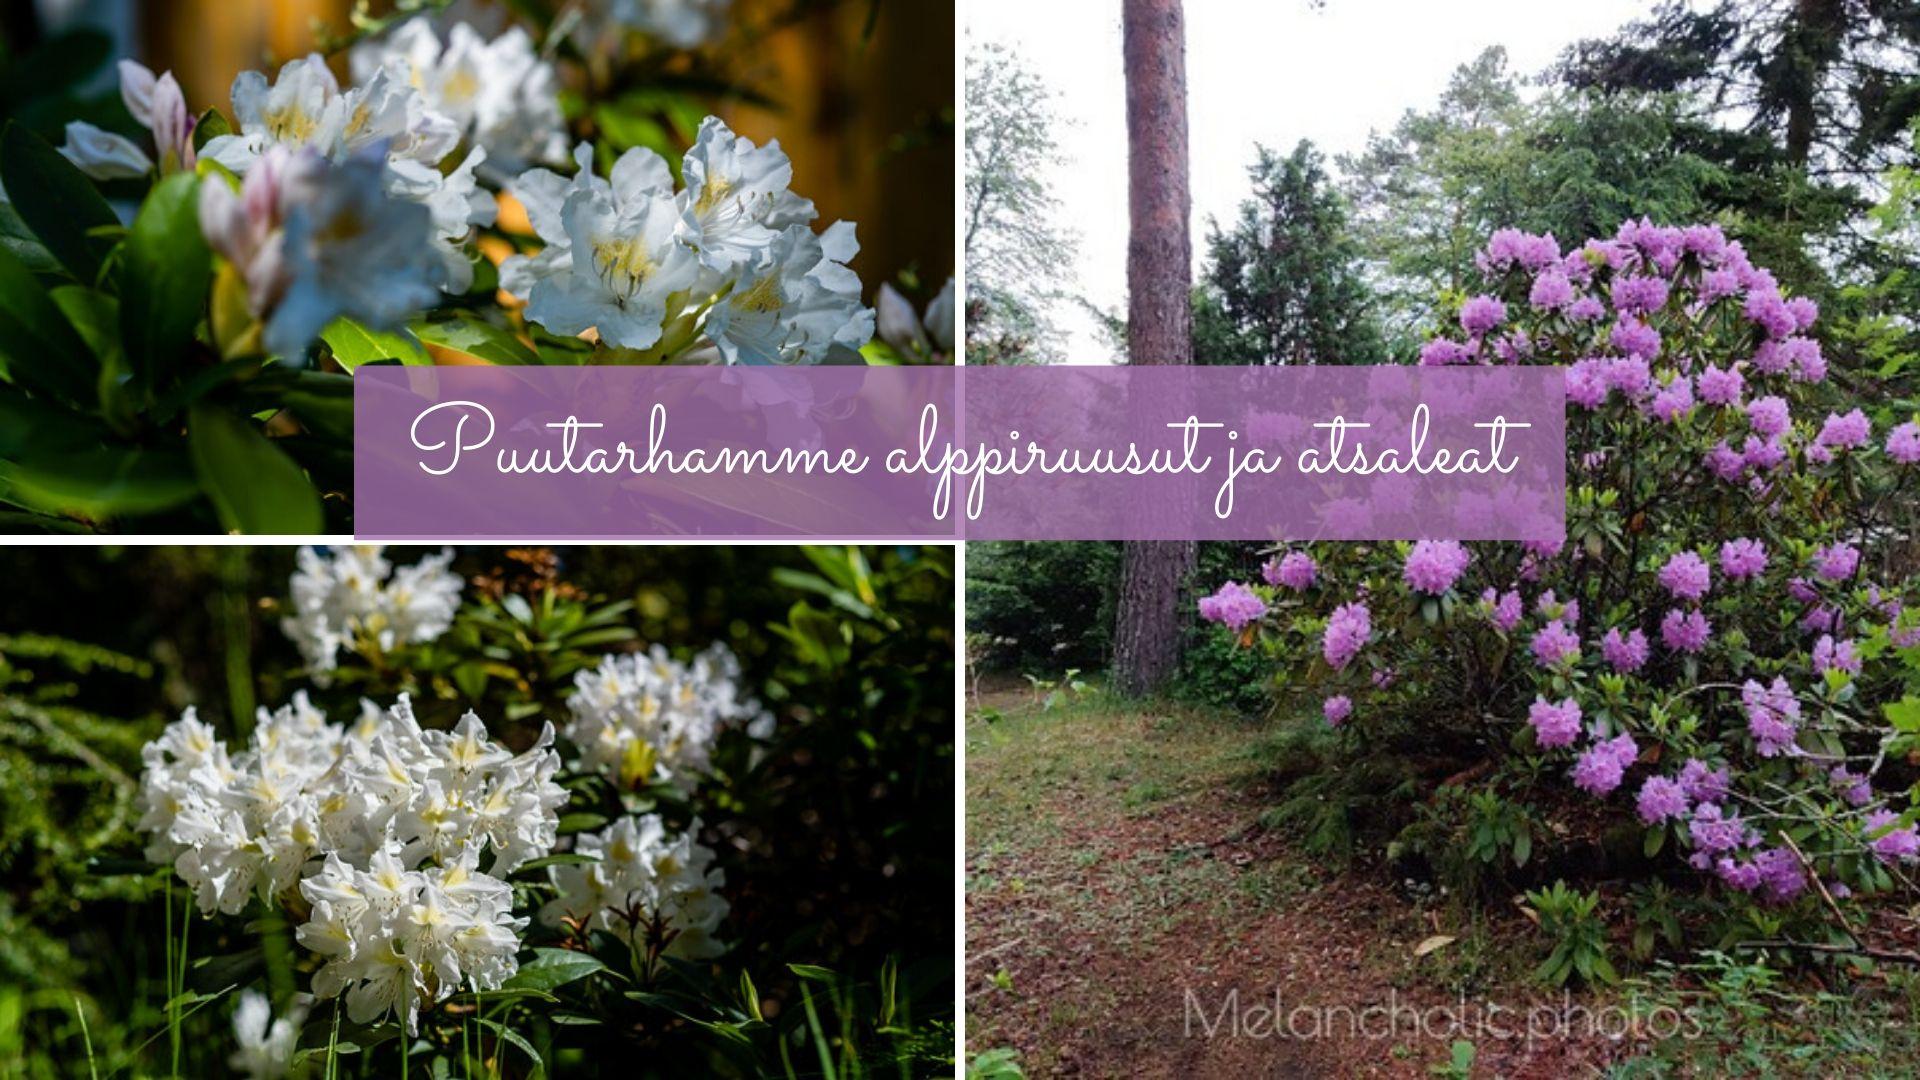 Puutarhamme alppiruusut ja atsaleat